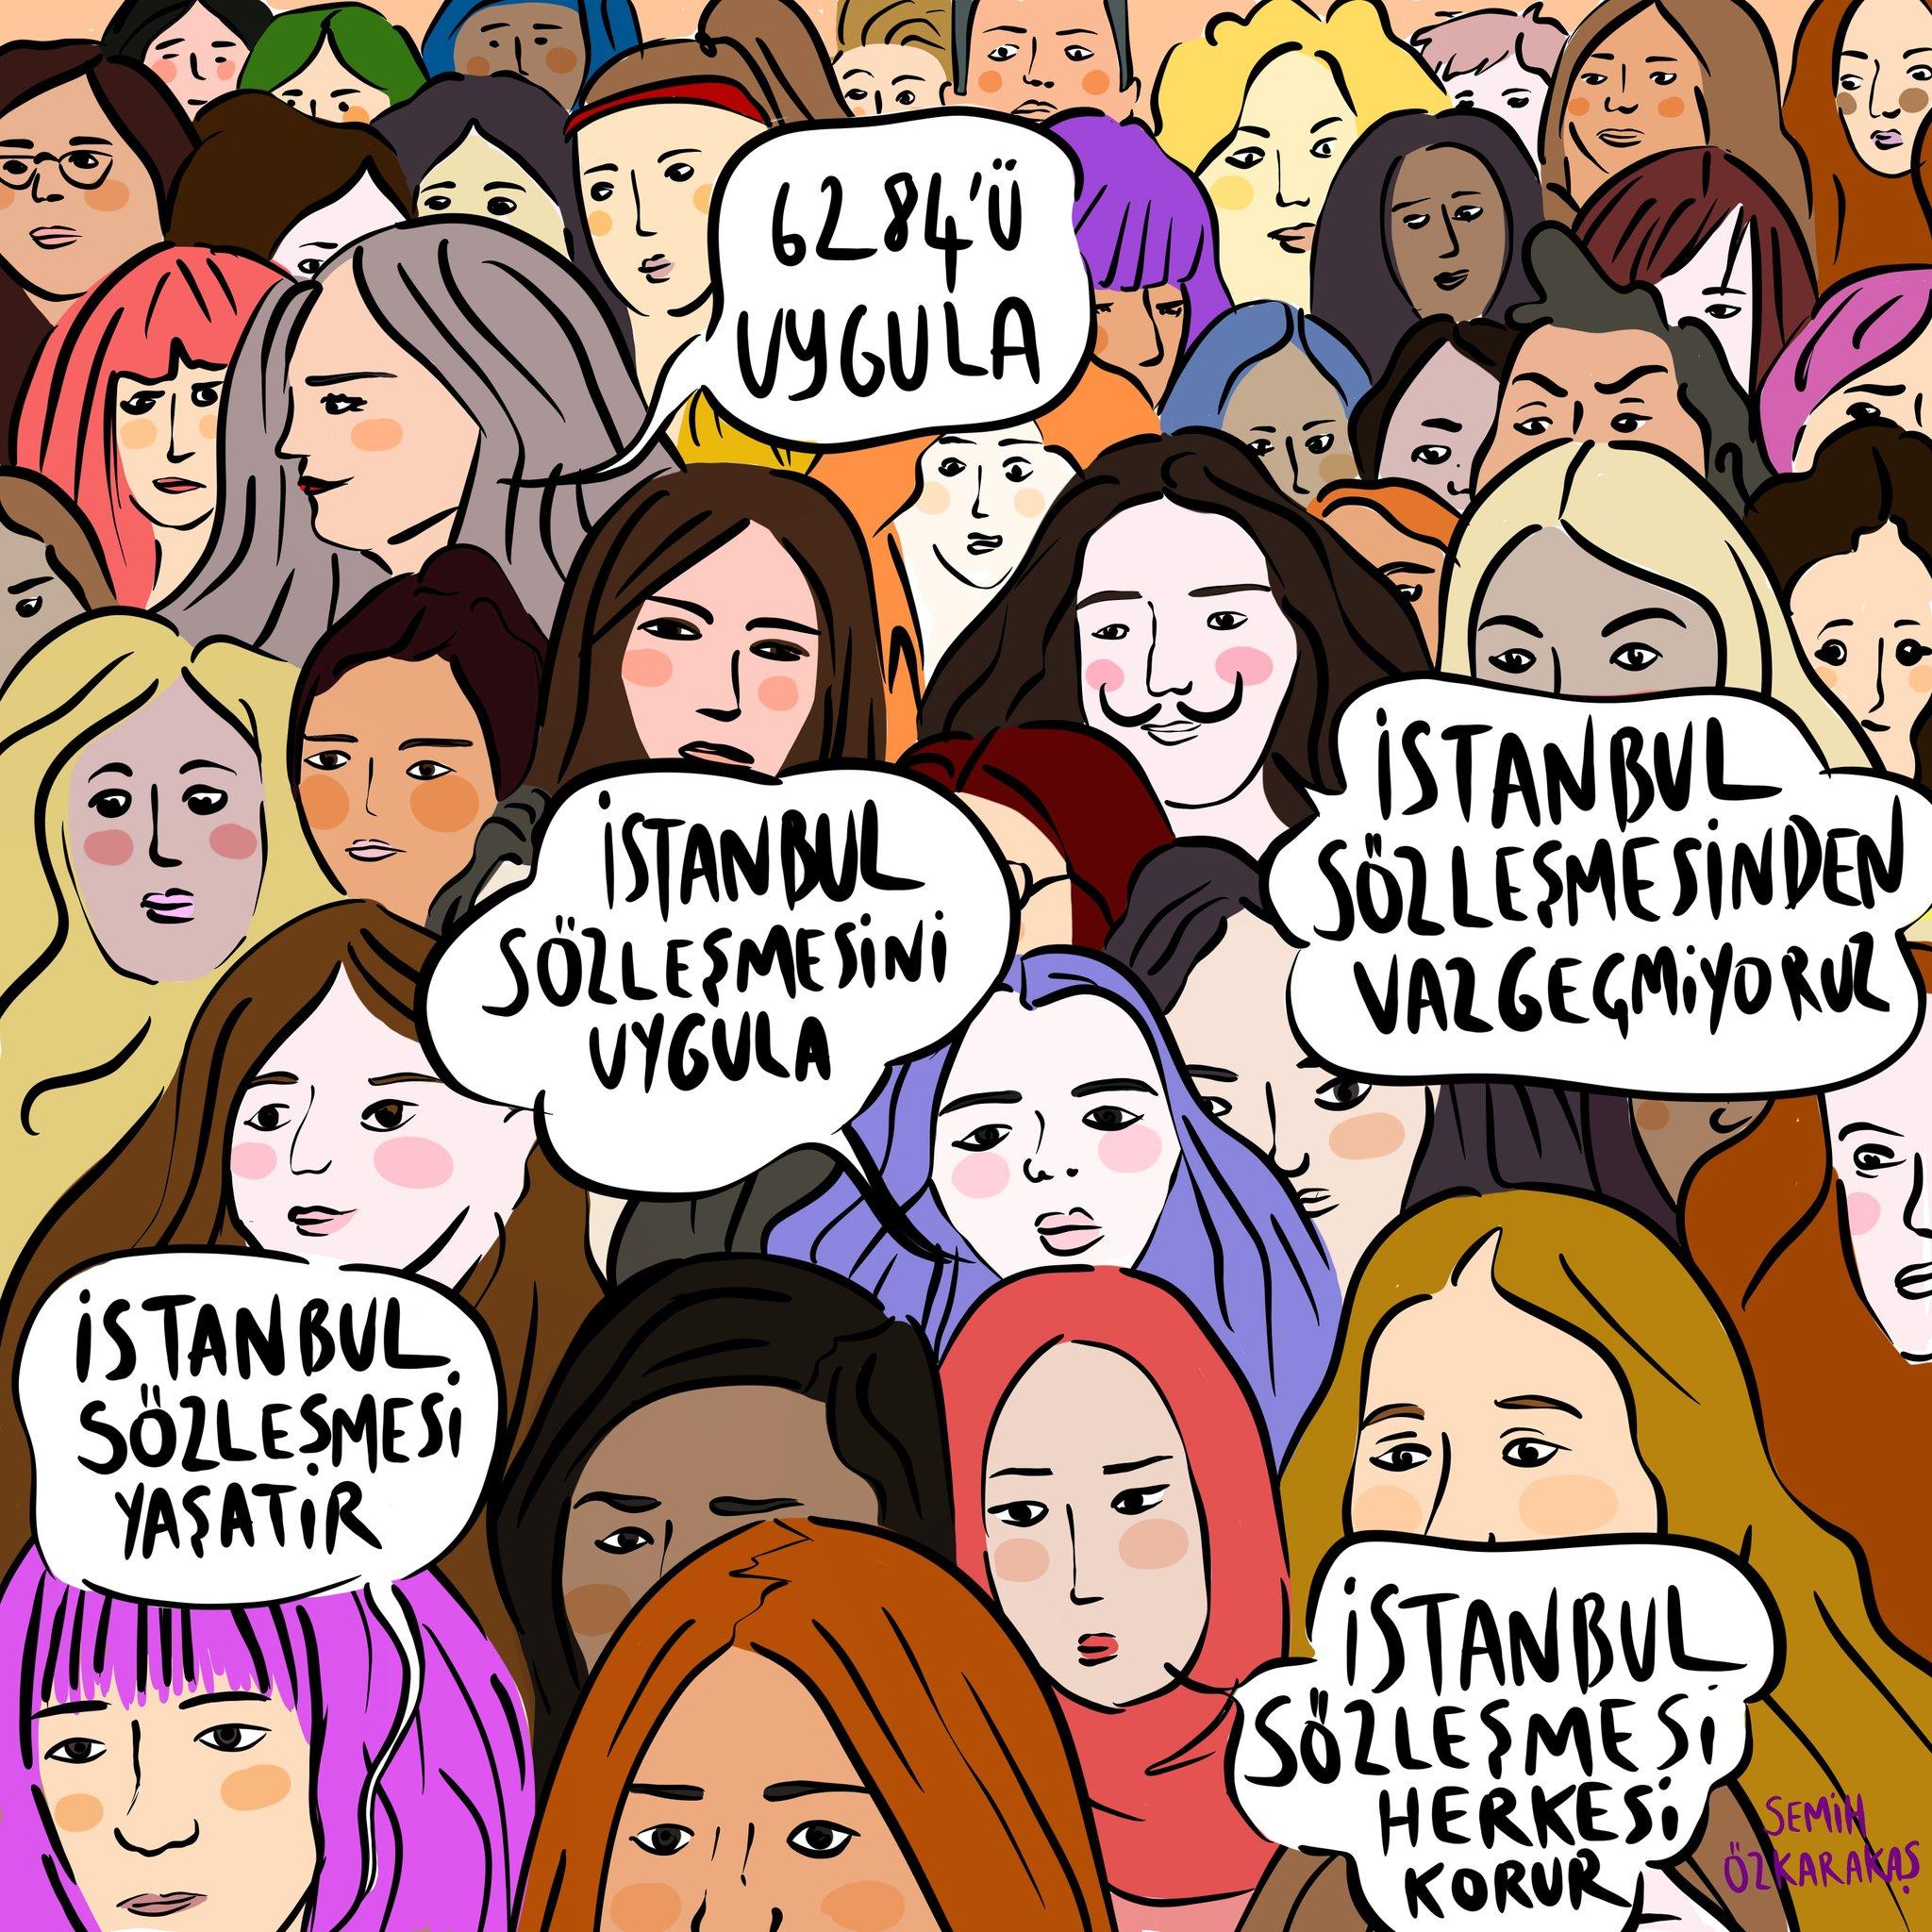 lubunya-cizgiler-istanbul-sozlesmesi-nden-vazgecmiyoruz-3.jpg